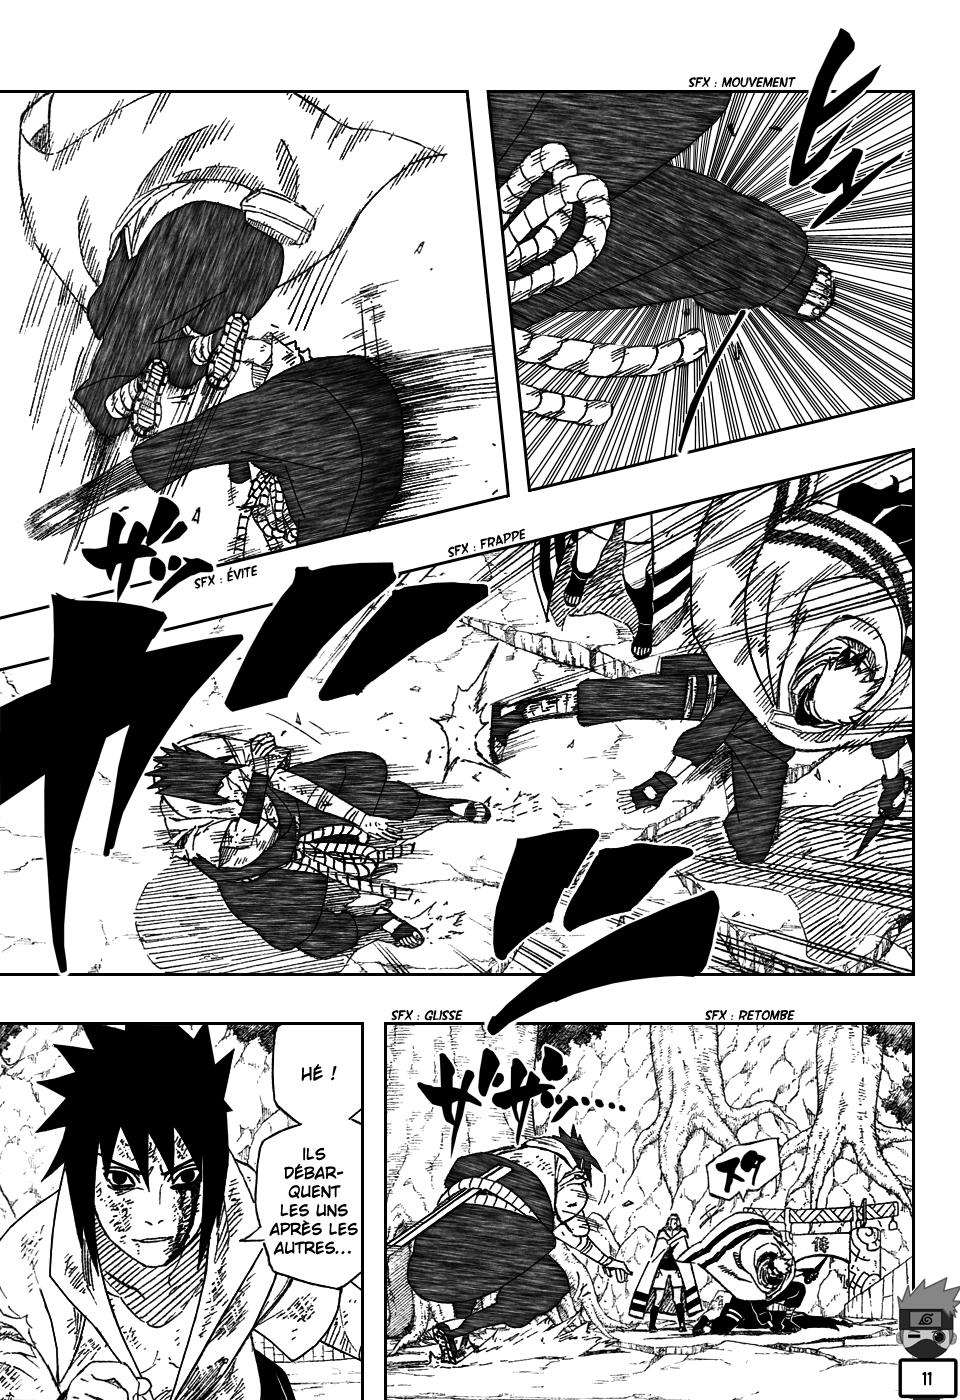 Naruto chapitre 483 - Page 11